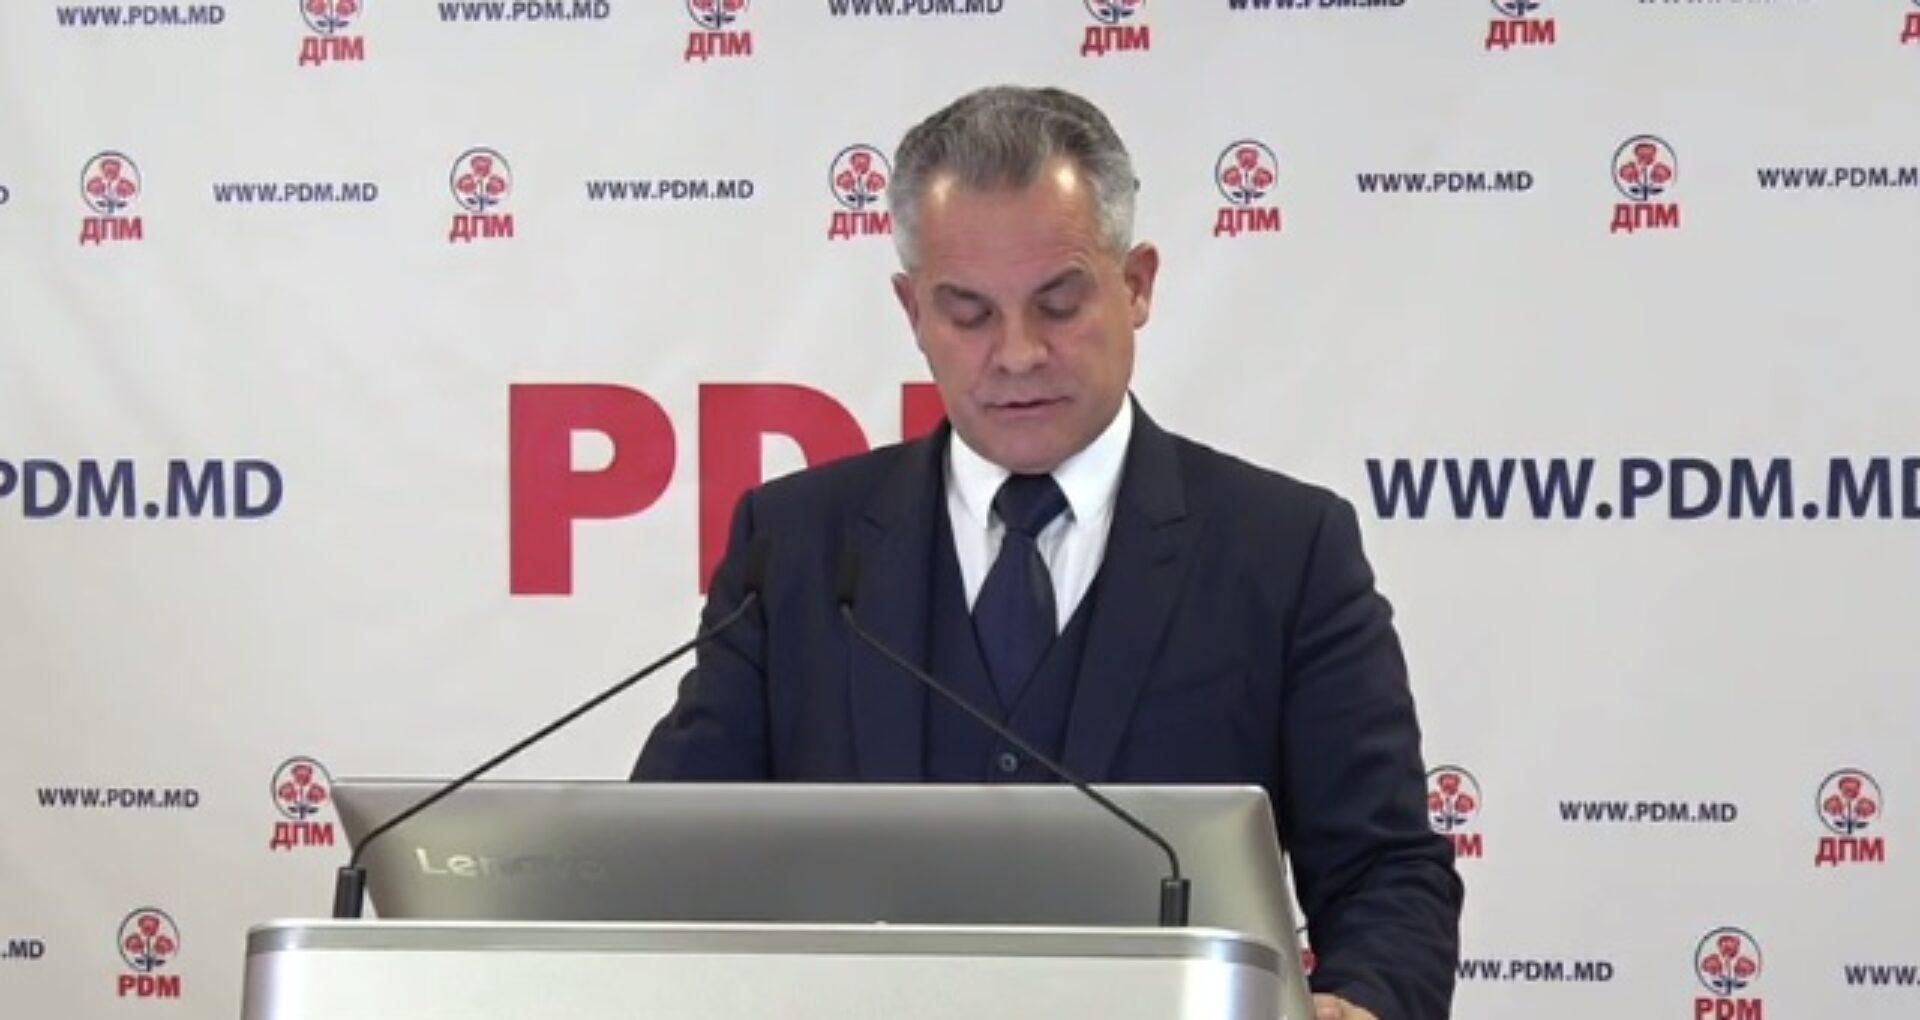 Sursă media din F. Rusă: Comitetul de anchetă rus i-ar fi înaintat învinuire de omor liderului PD, Vlad Plahotniuc, și a solicitat arestul acestuia